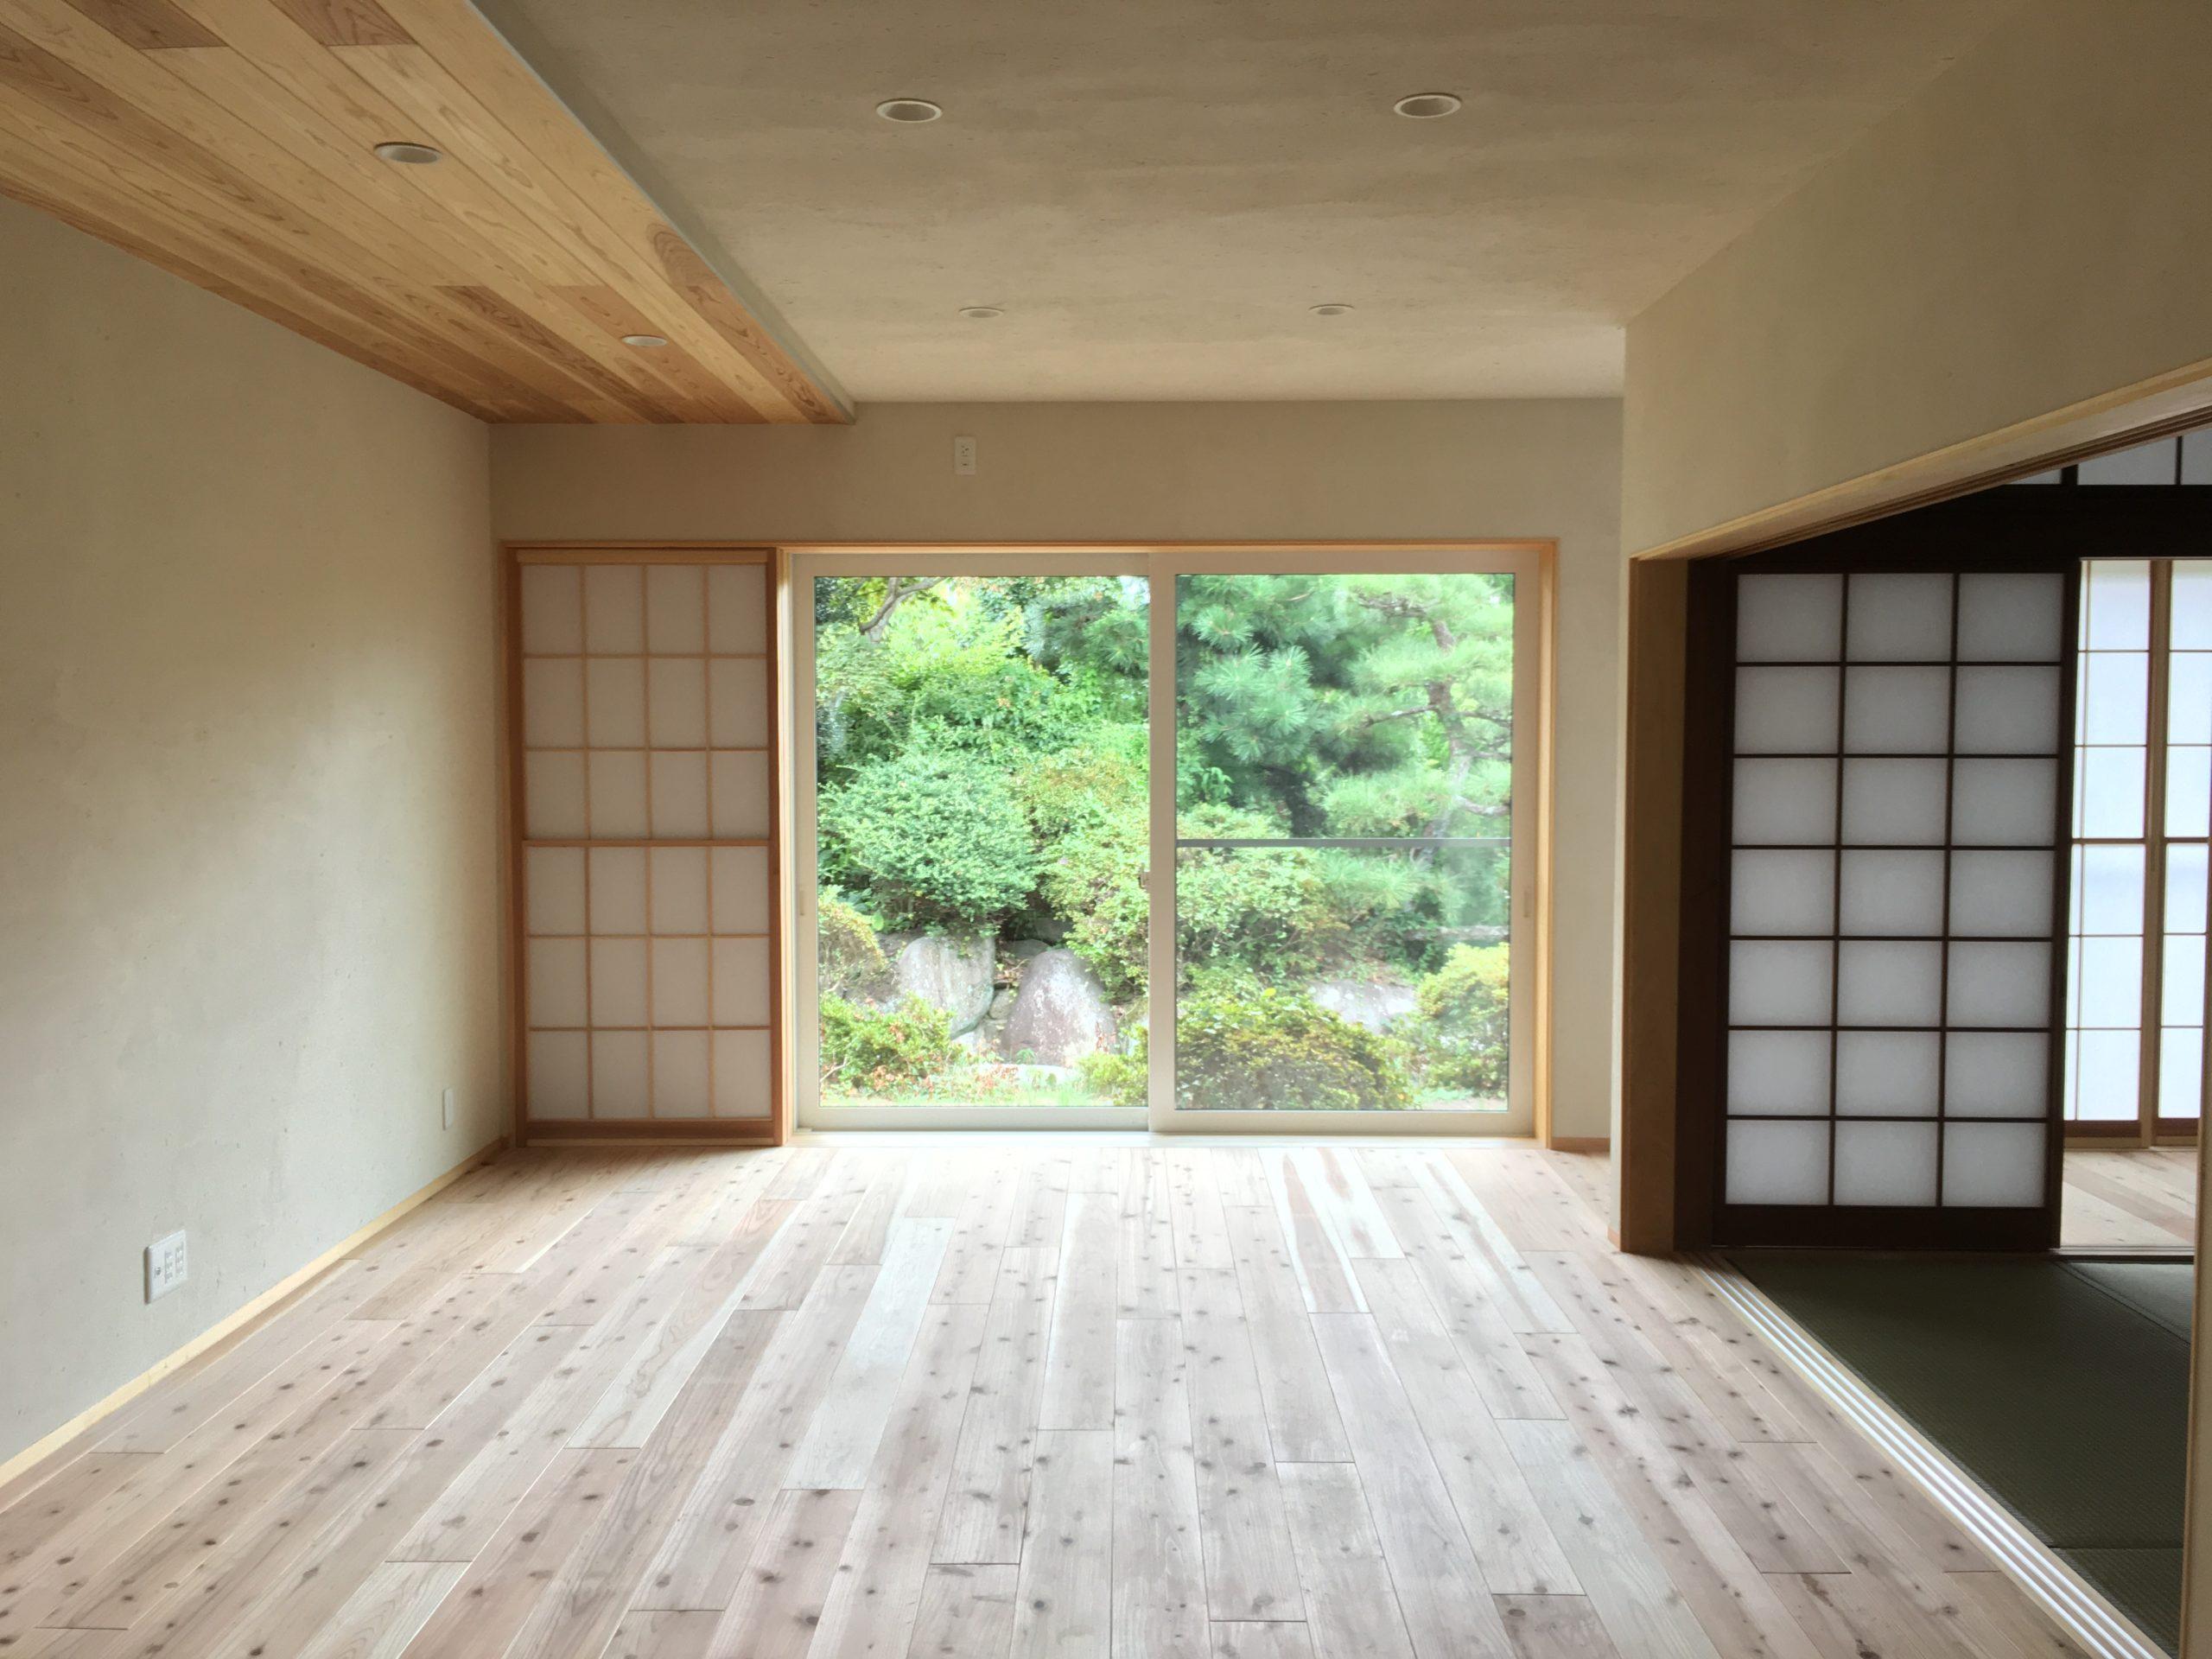 キッチンから見える景色。無垢材×漆喰×障子×庭の緑